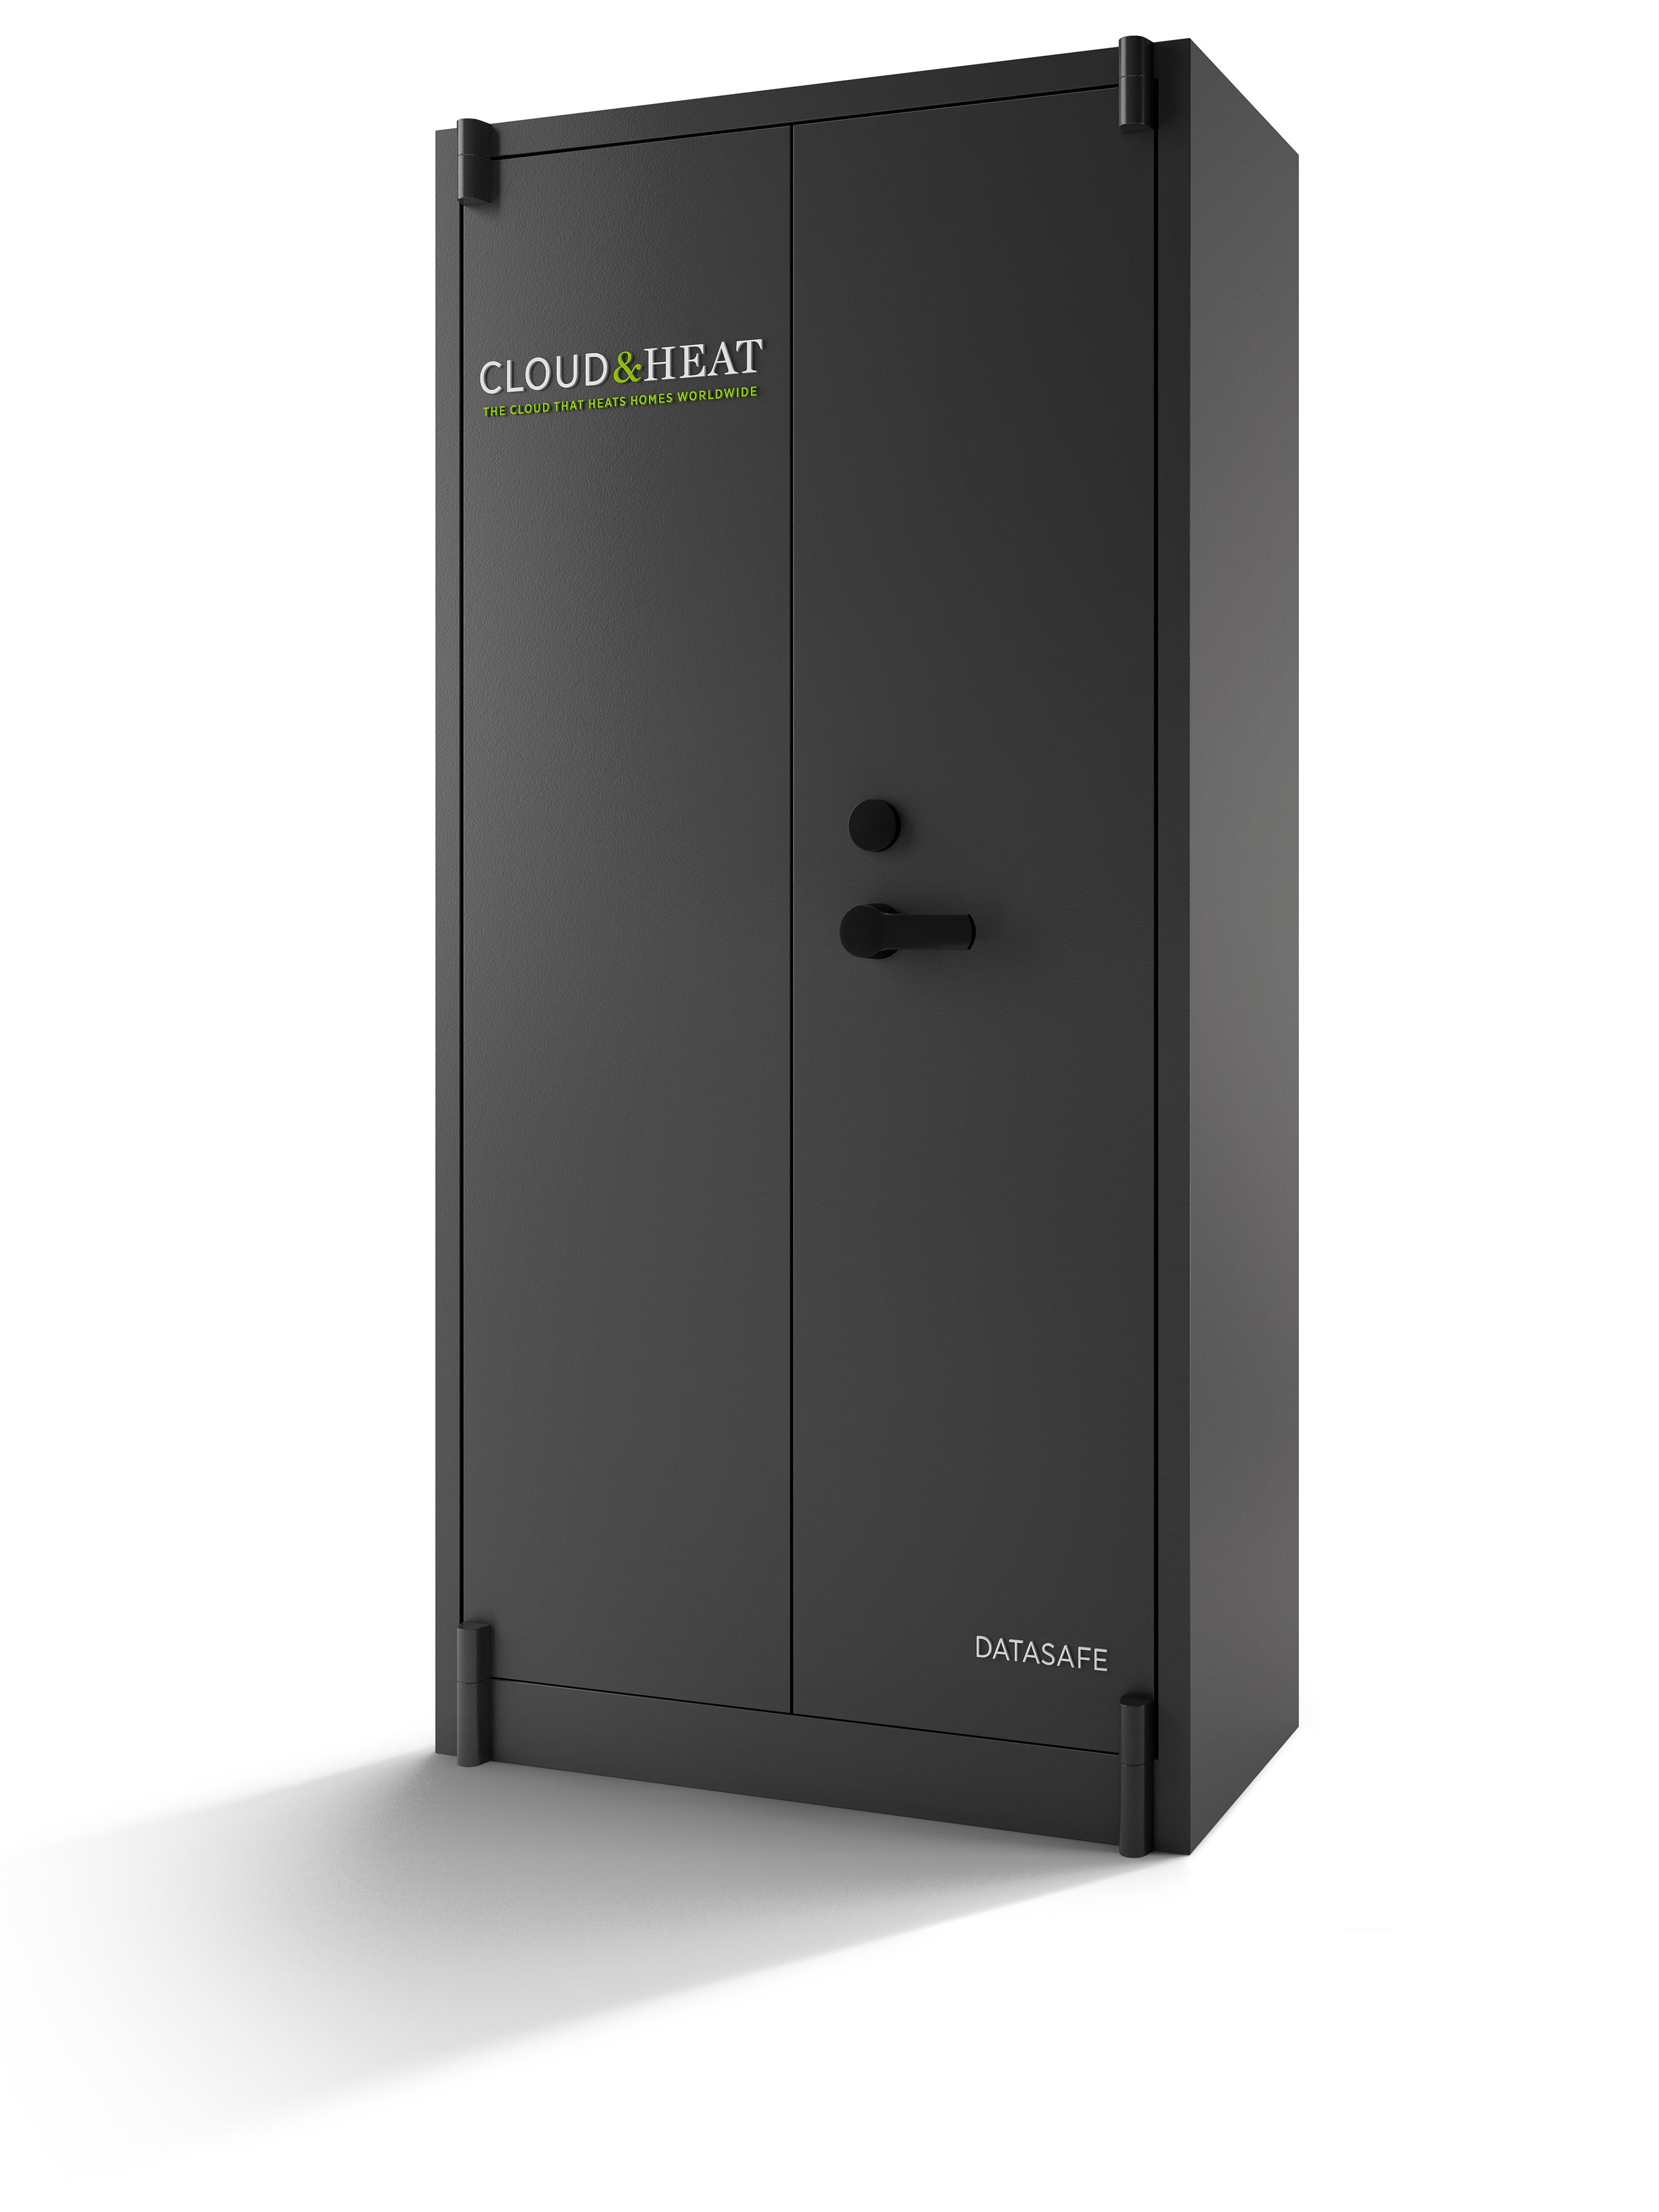 Serverschrank von Cloud&Heat